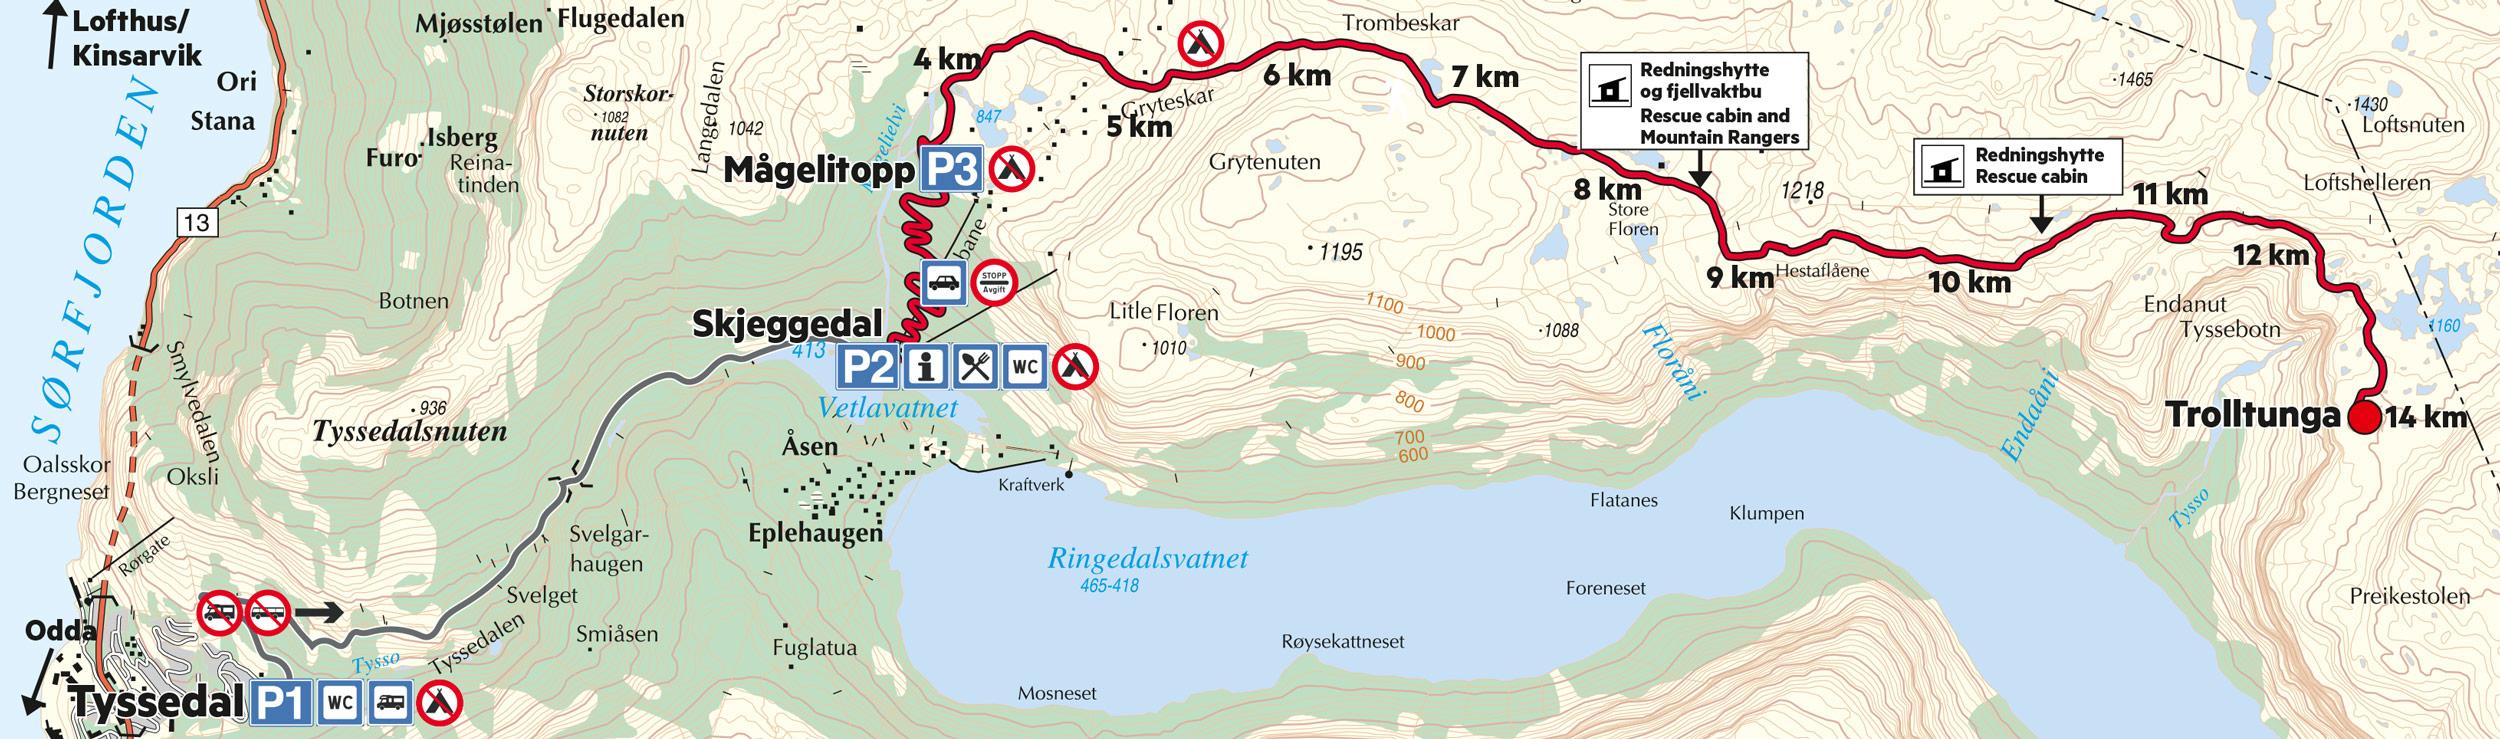 【北歐景點】挪威惡魔之舌 Trolltunga — 28公里健行挑戰全攻略 168